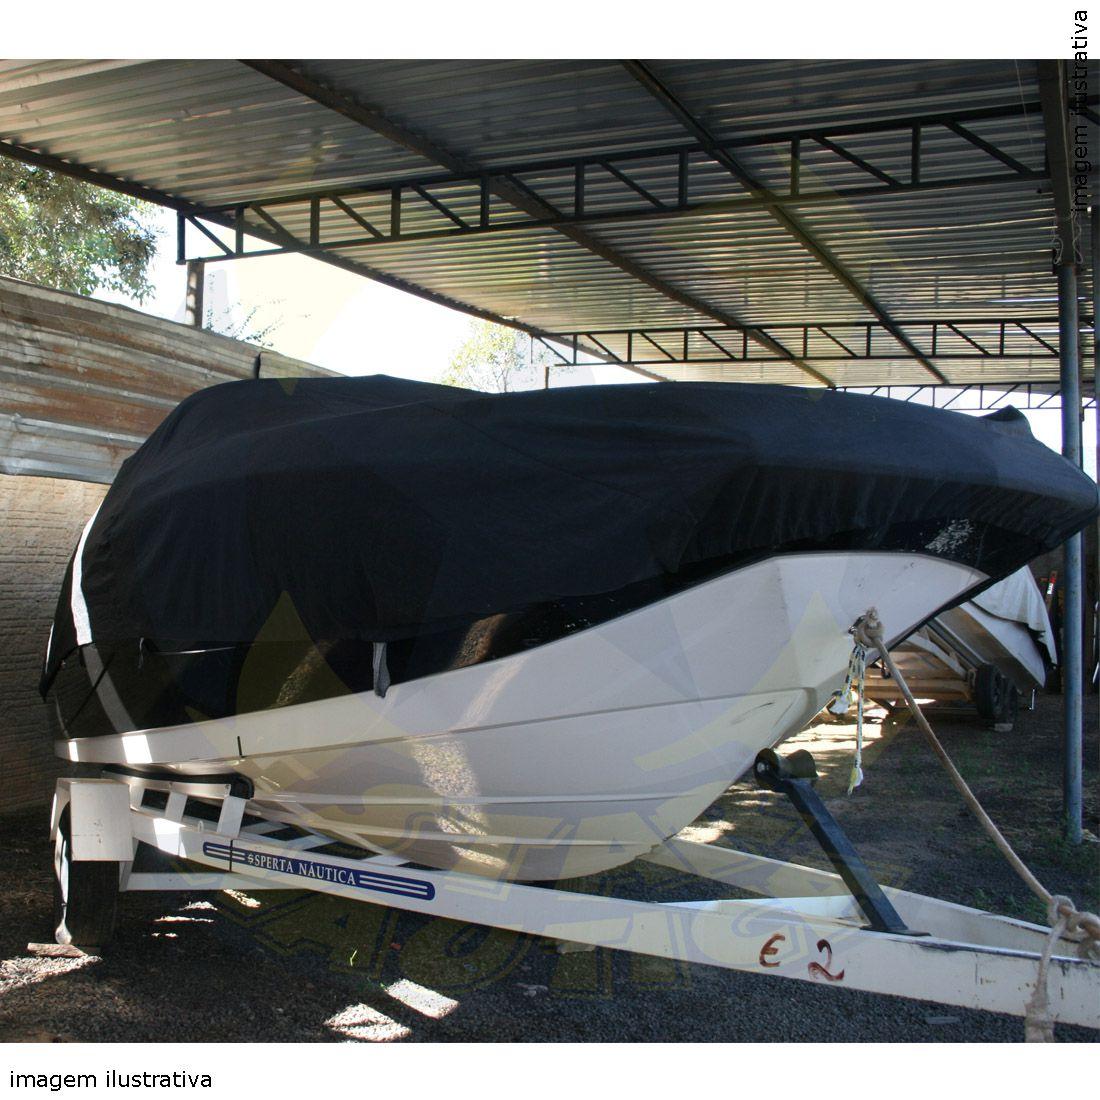 Capa Lona de Cobertura Lancha Focker 240 Lona Emborrachada